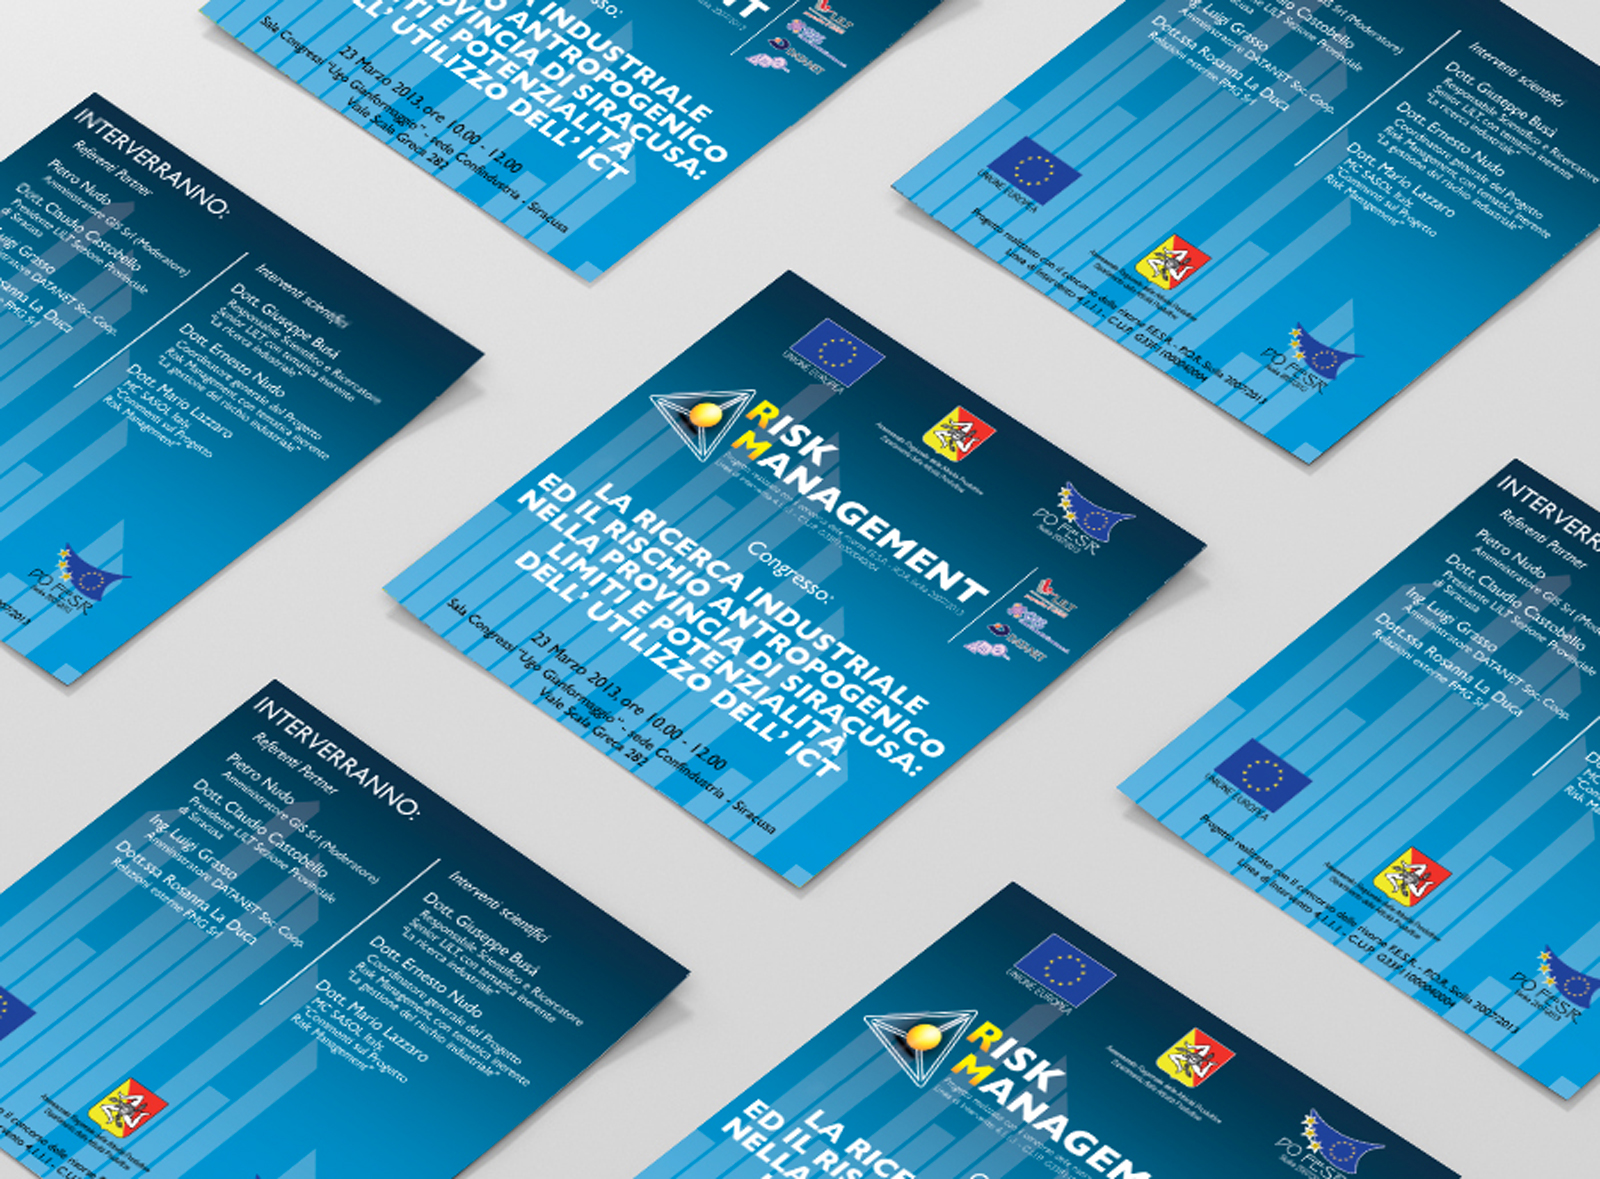 2013 L.I.L.T. - Linea 11 Siracusa - Comunicazione, pubblicazioni, adv, eventi